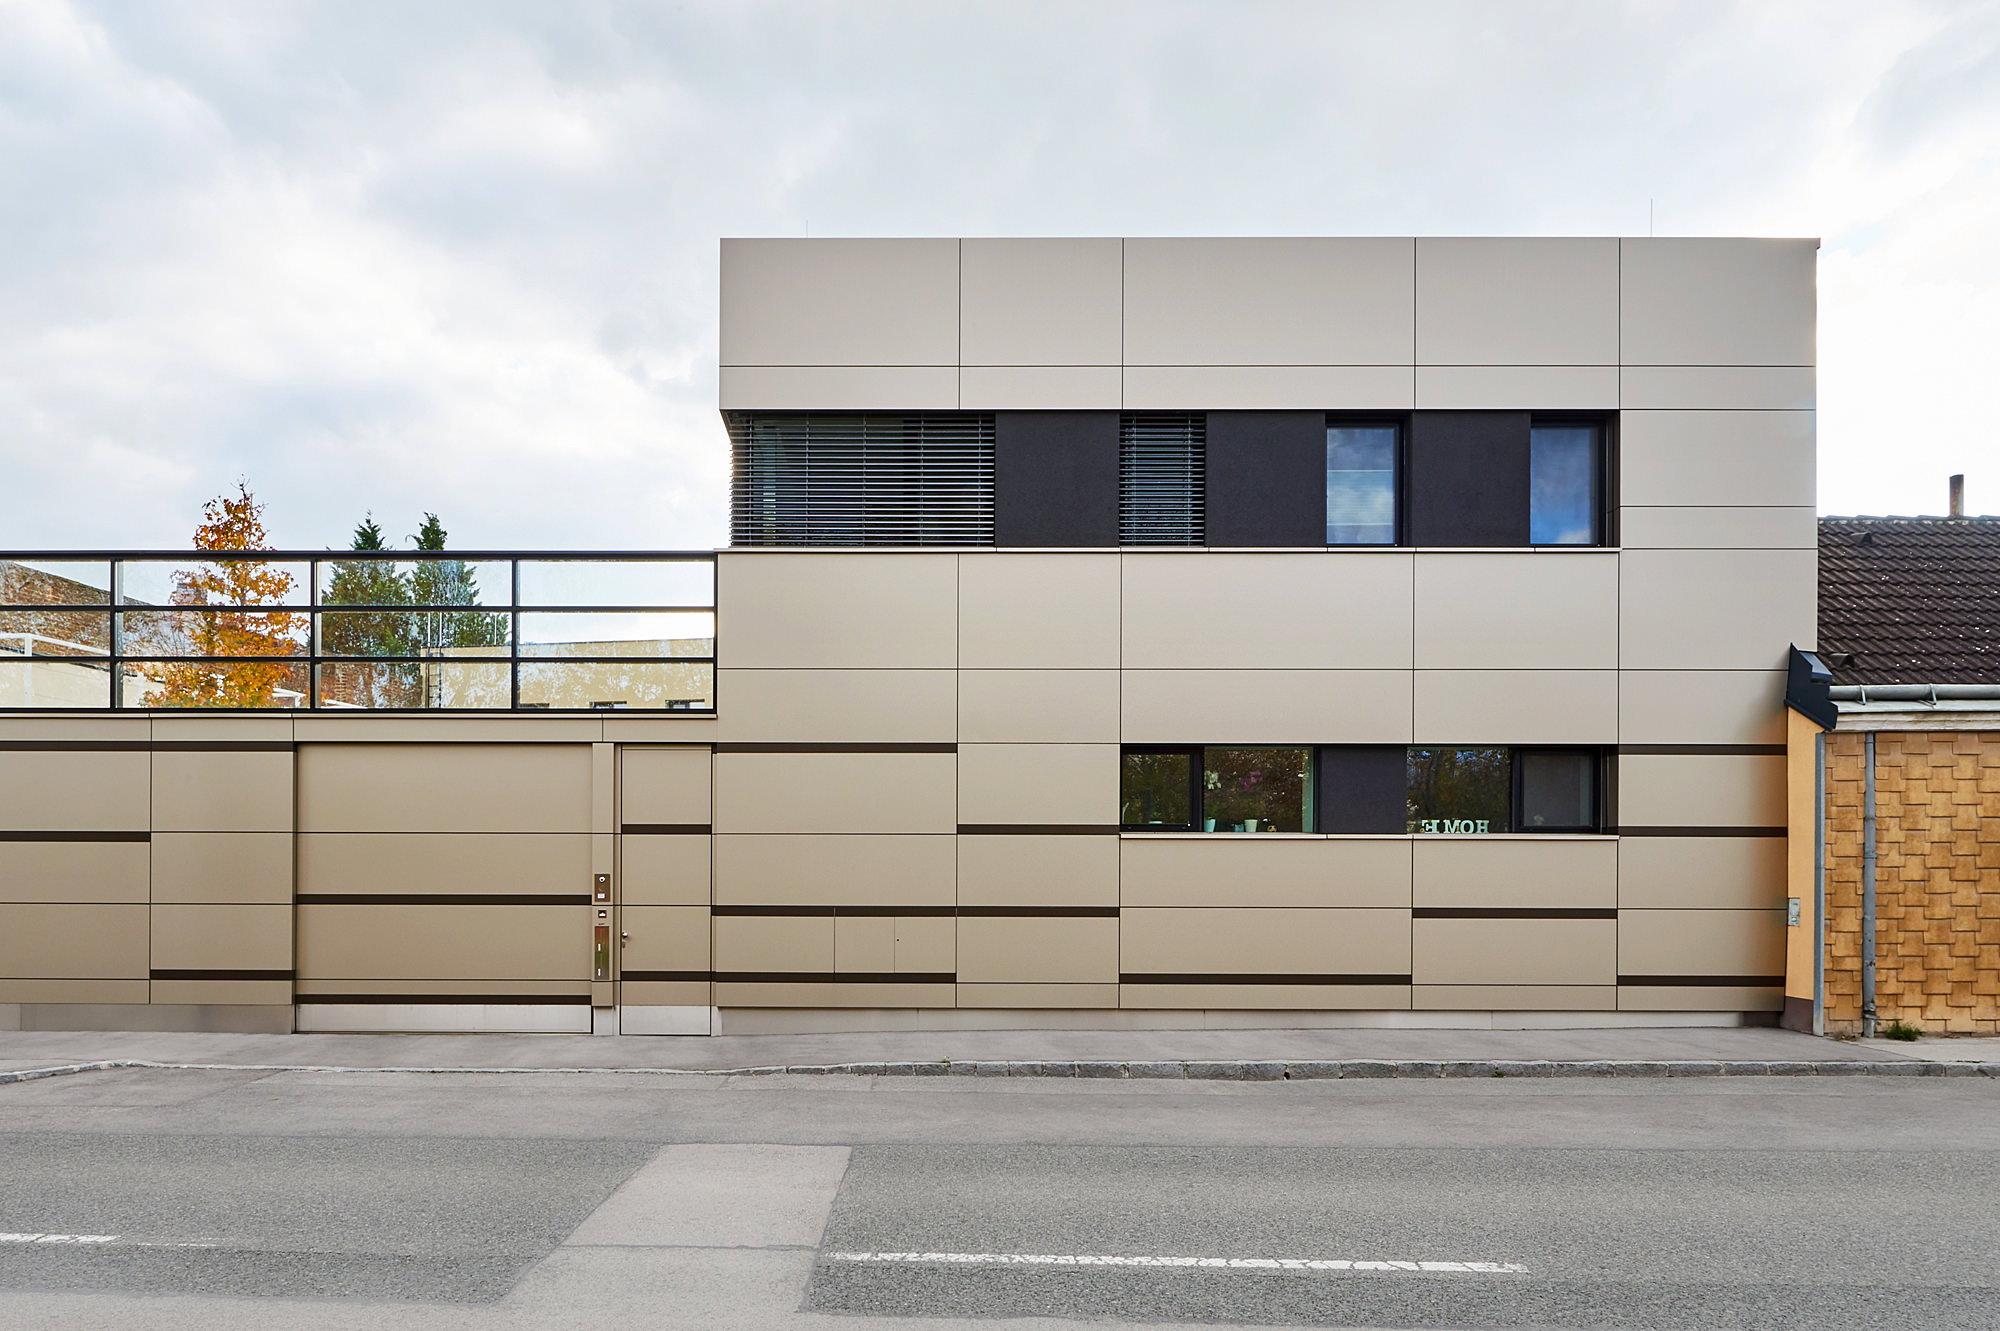 haus_k_01_umbau_und_thermische_sanierung_voesendorf_niederoesterreich_junger_beer_architektur